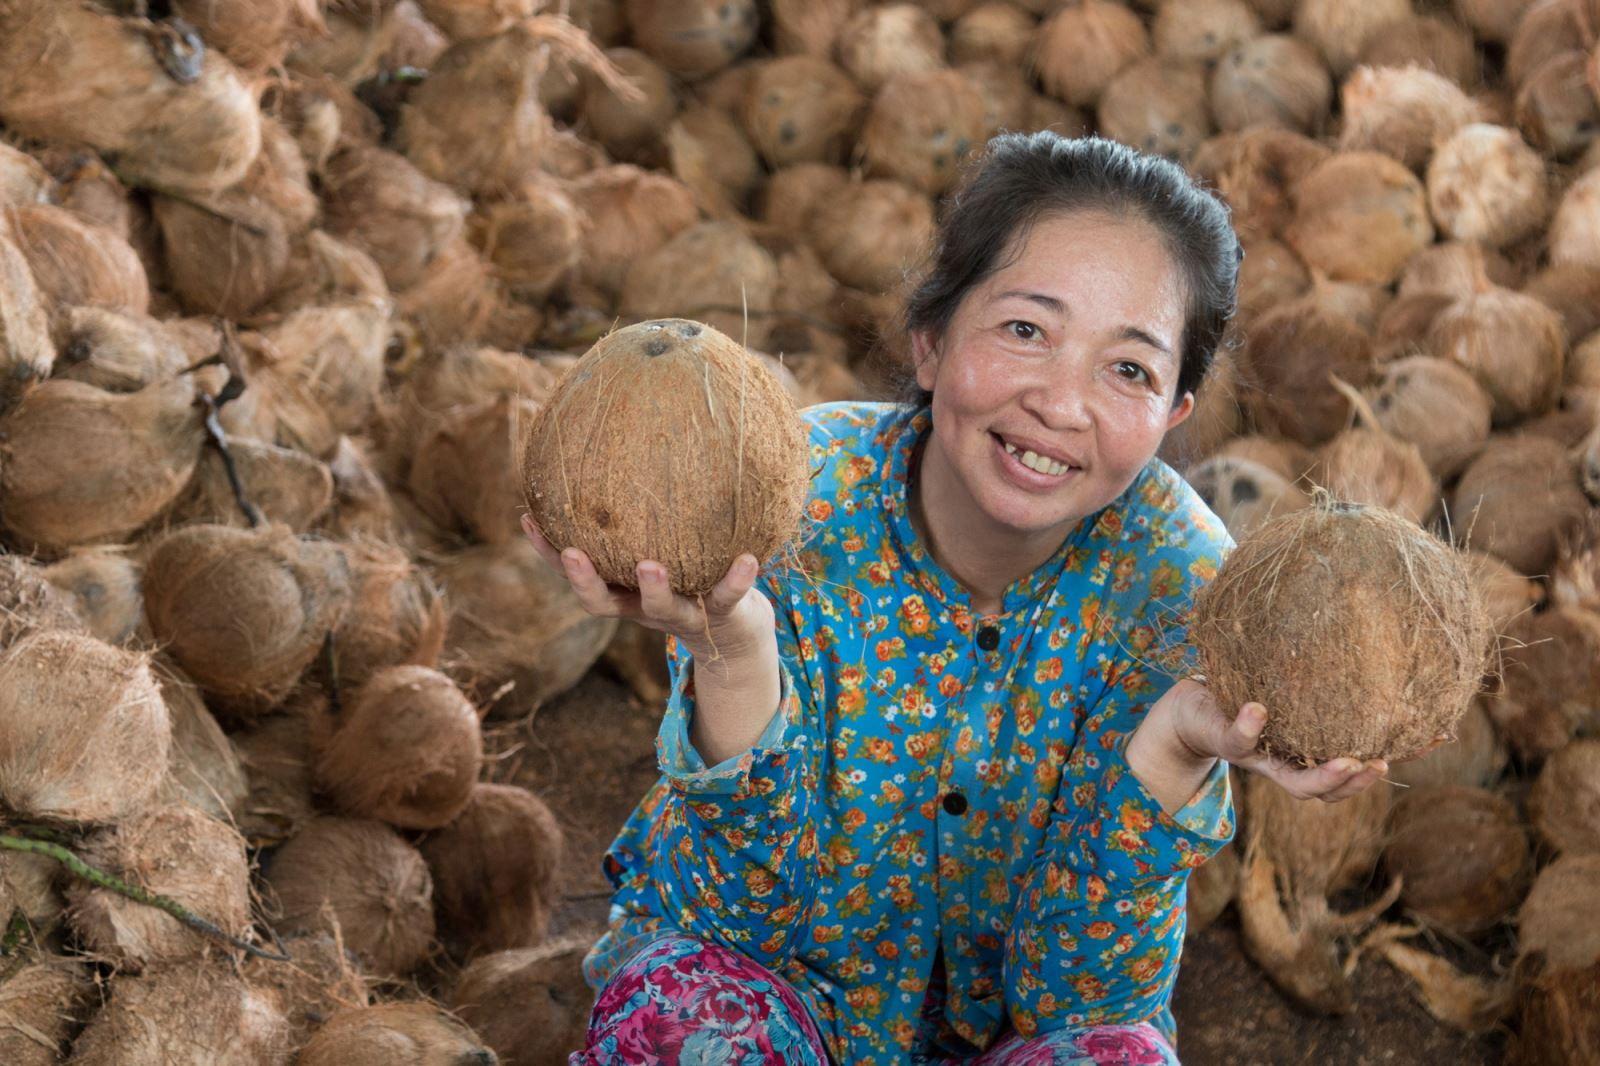 Công nhân xưởng dừa (chị Lê Thị Mái, công nhân công ty TNHH dừa Mười Hiền).